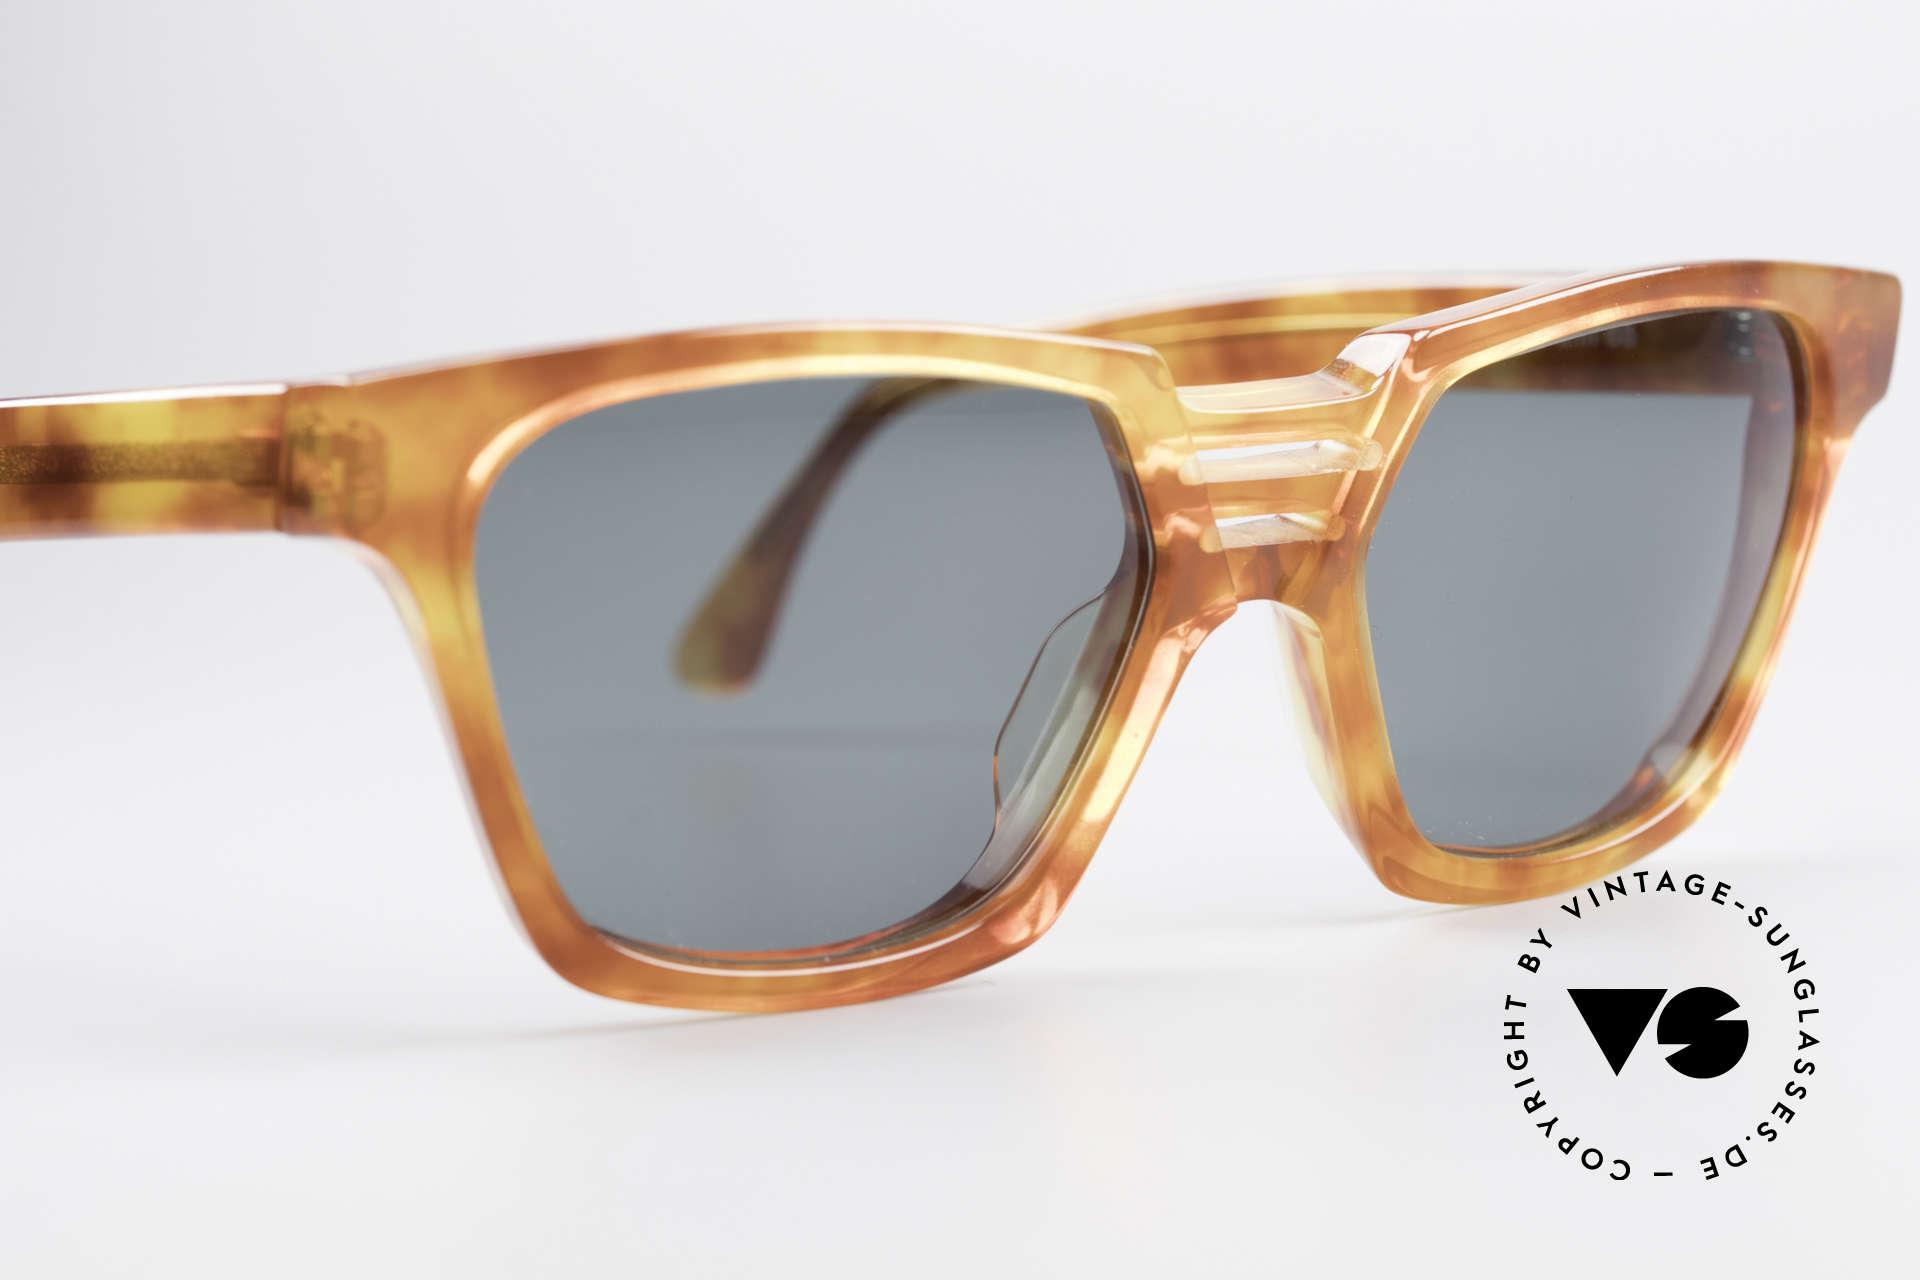 Alain Mikli 0145 / 033 Markante 80er Sonnenbrille, KEINE Retrosonnenbrille; ein 30 Jahre altes Original, Passend für Herren und Damen